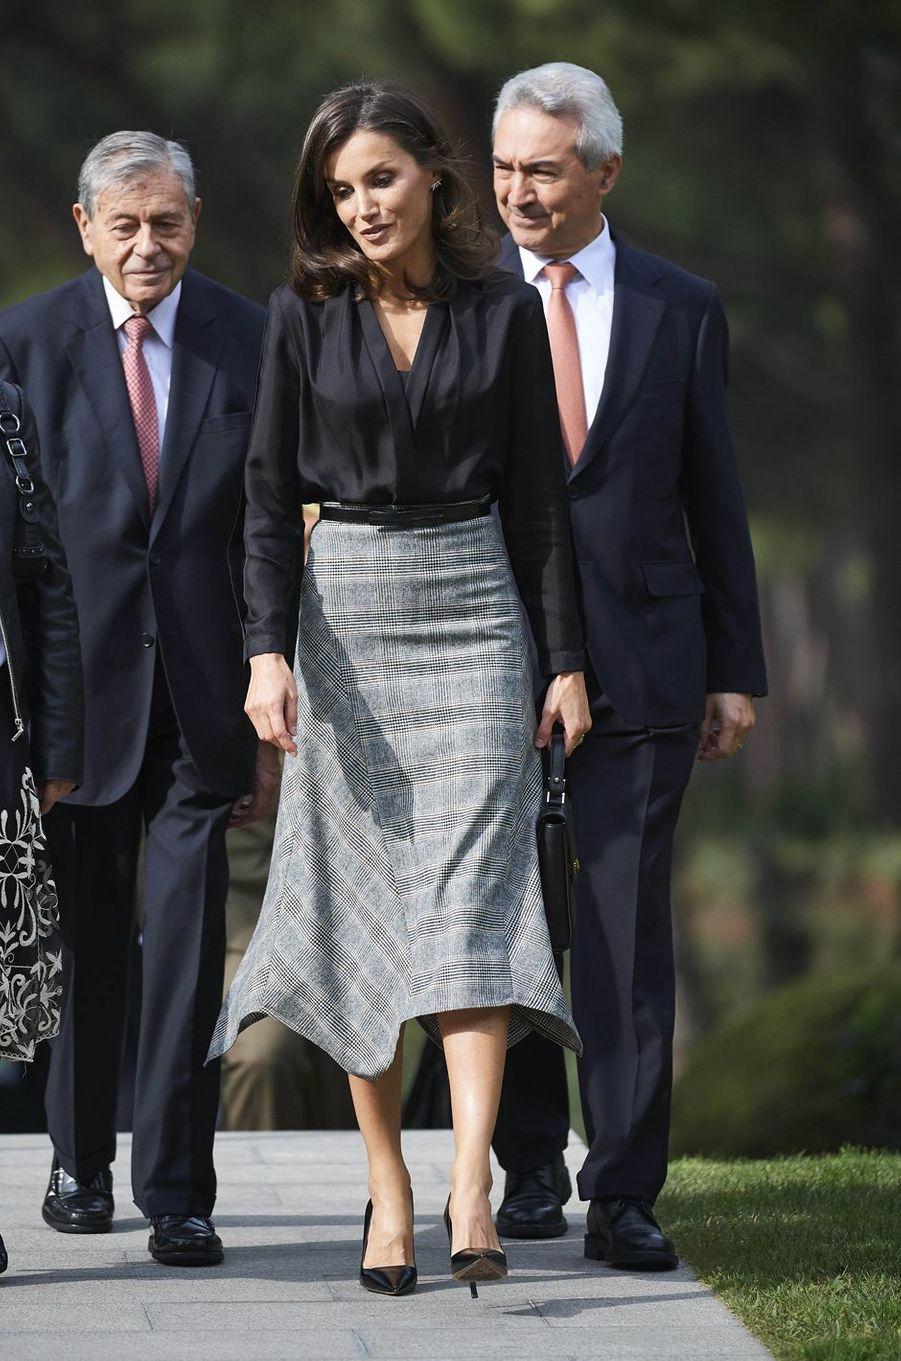 La reine Letizia d'Espagne chic et sobre à Madrid, le 30 octobre 2019